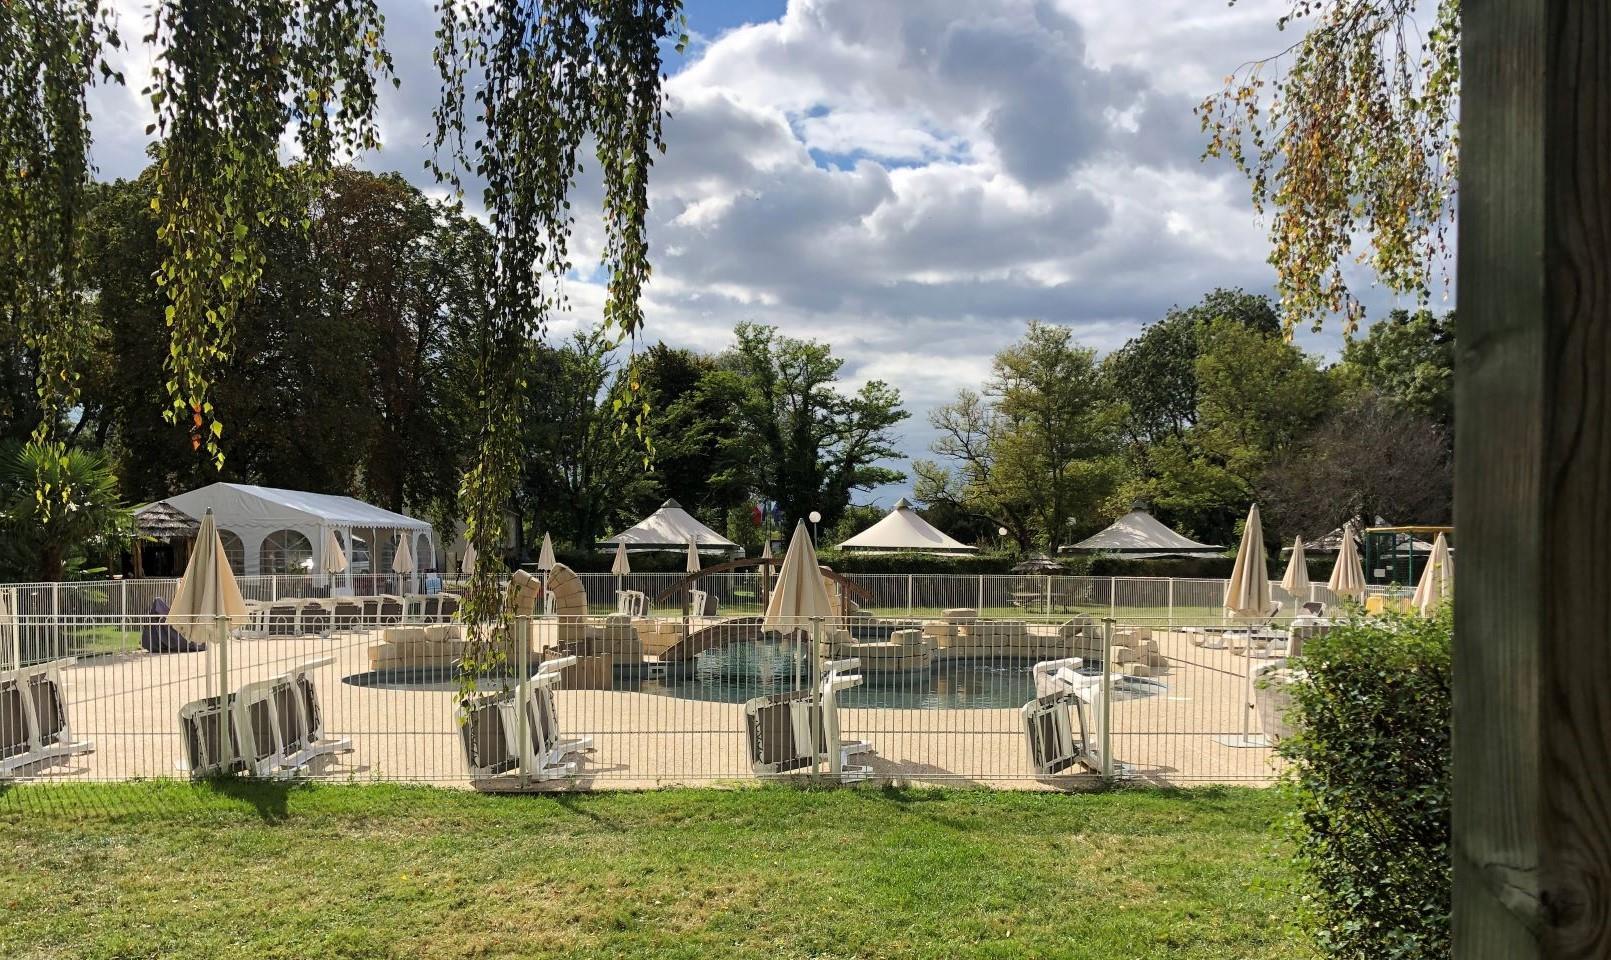 Camping les Granges, Luynes, Indre-et-Loire